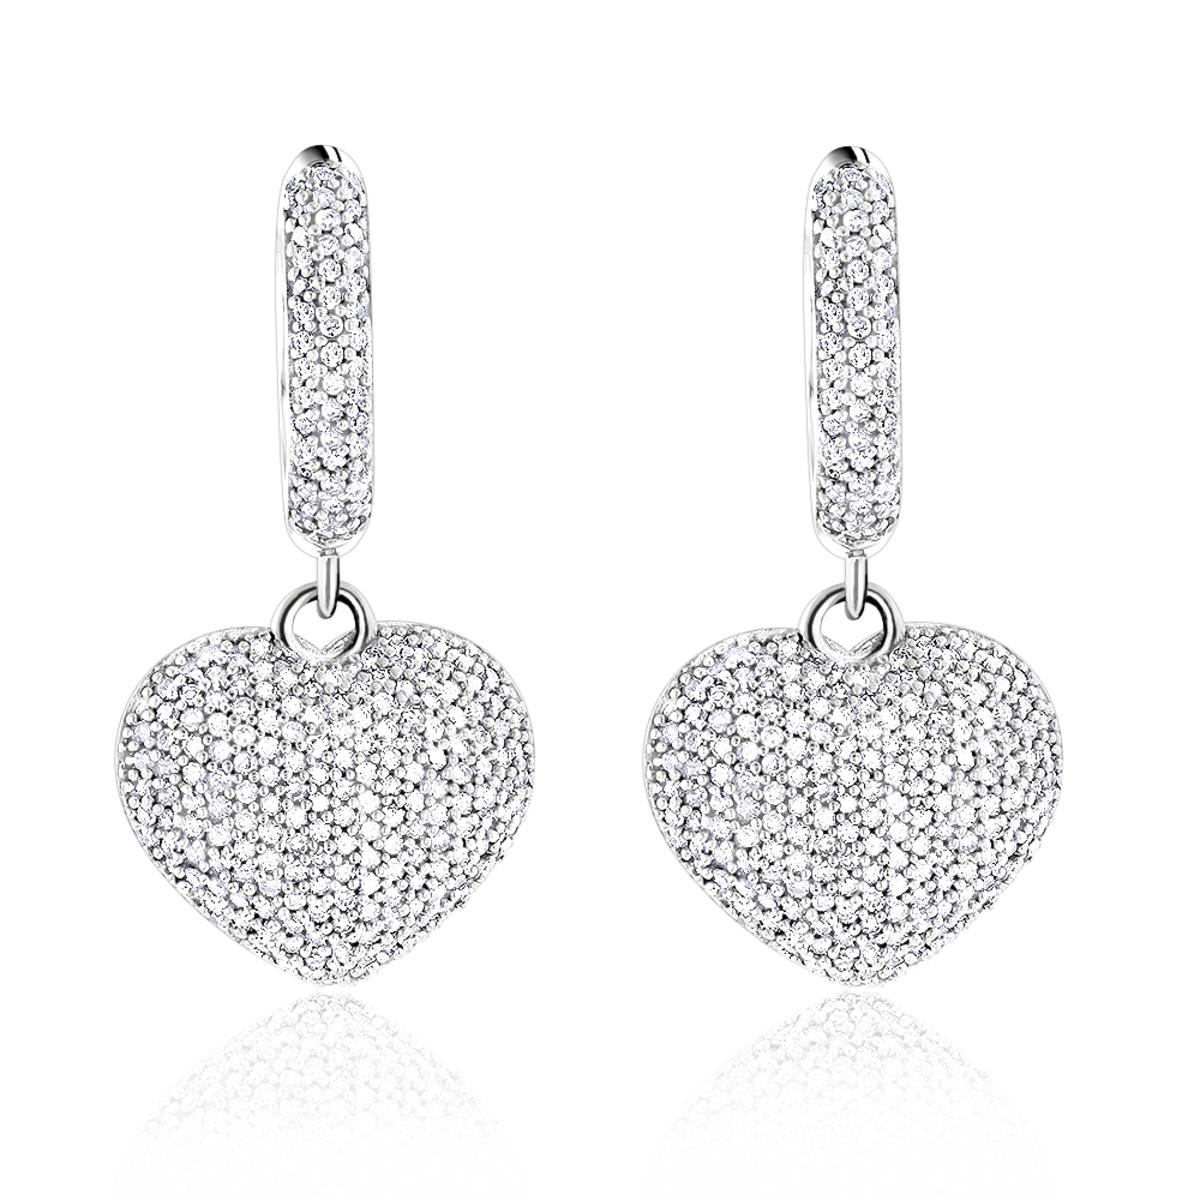 14K Dangle Diamond Heart Earrings 1 ct